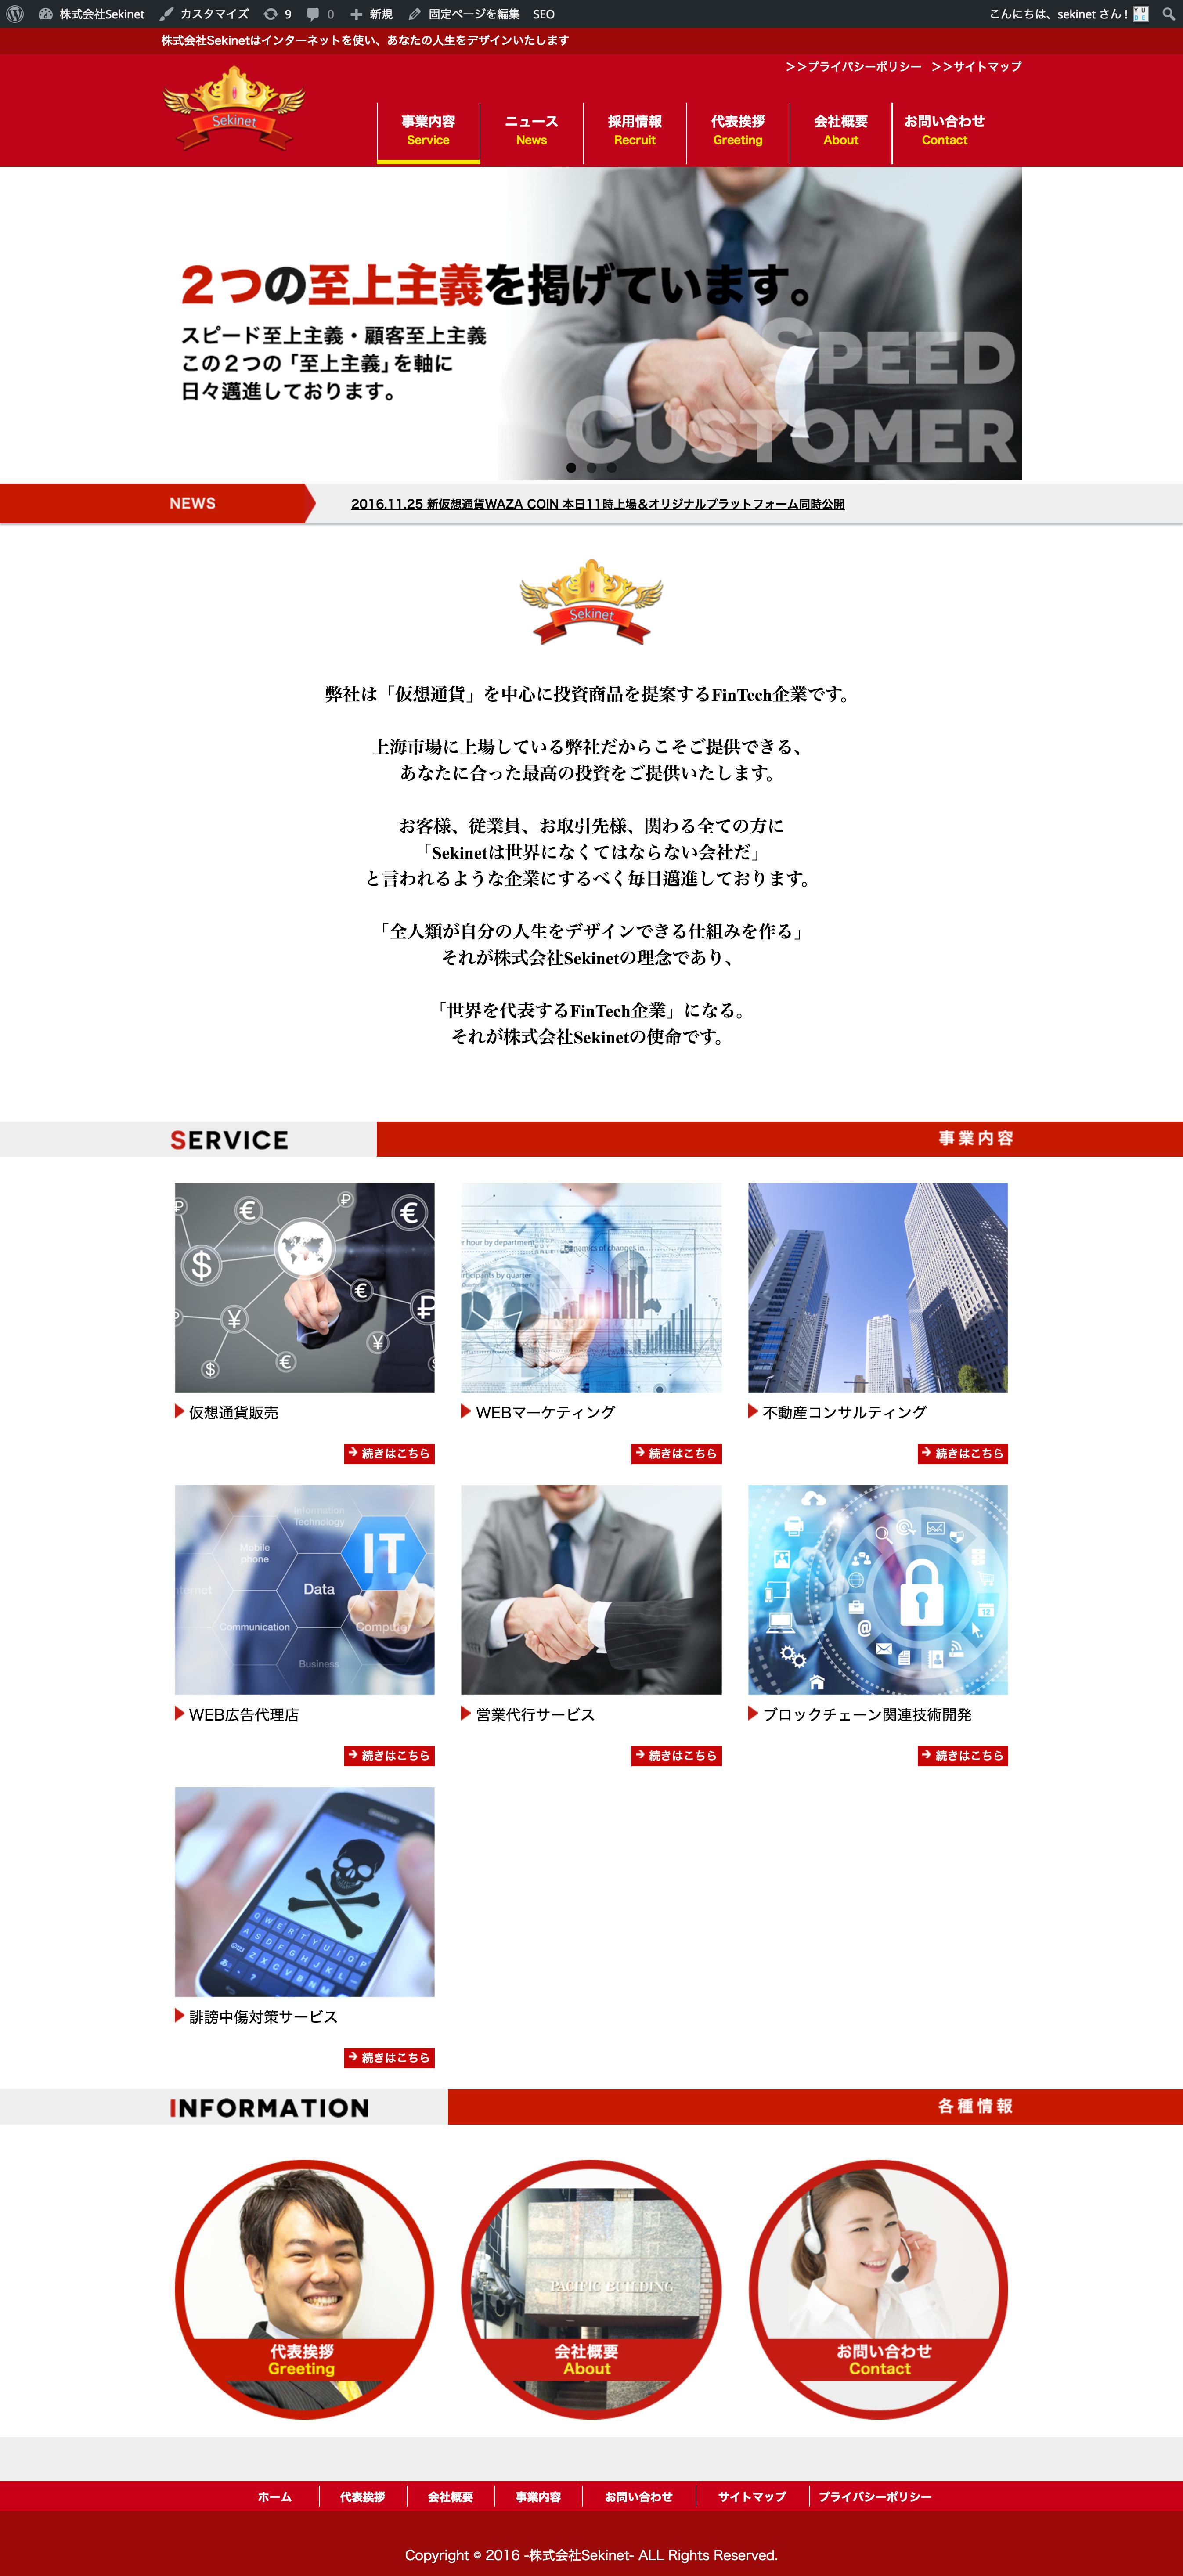 screencapture-sekinet-biz-1480269145826